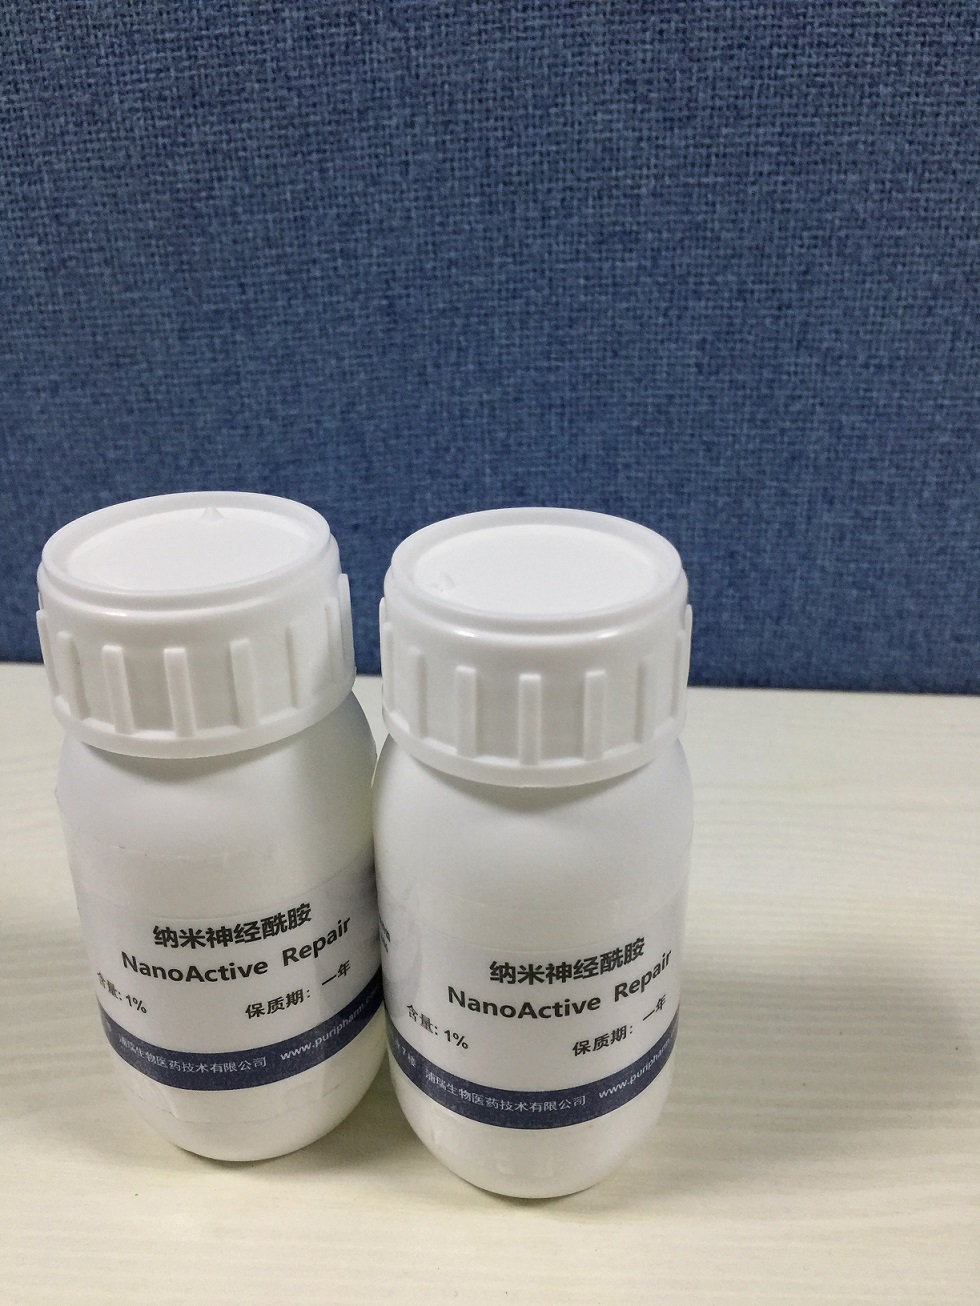 二裂酵母发酵产物溶胞物;双歧杆菌胞溶物;PuriBifido;璞必达;